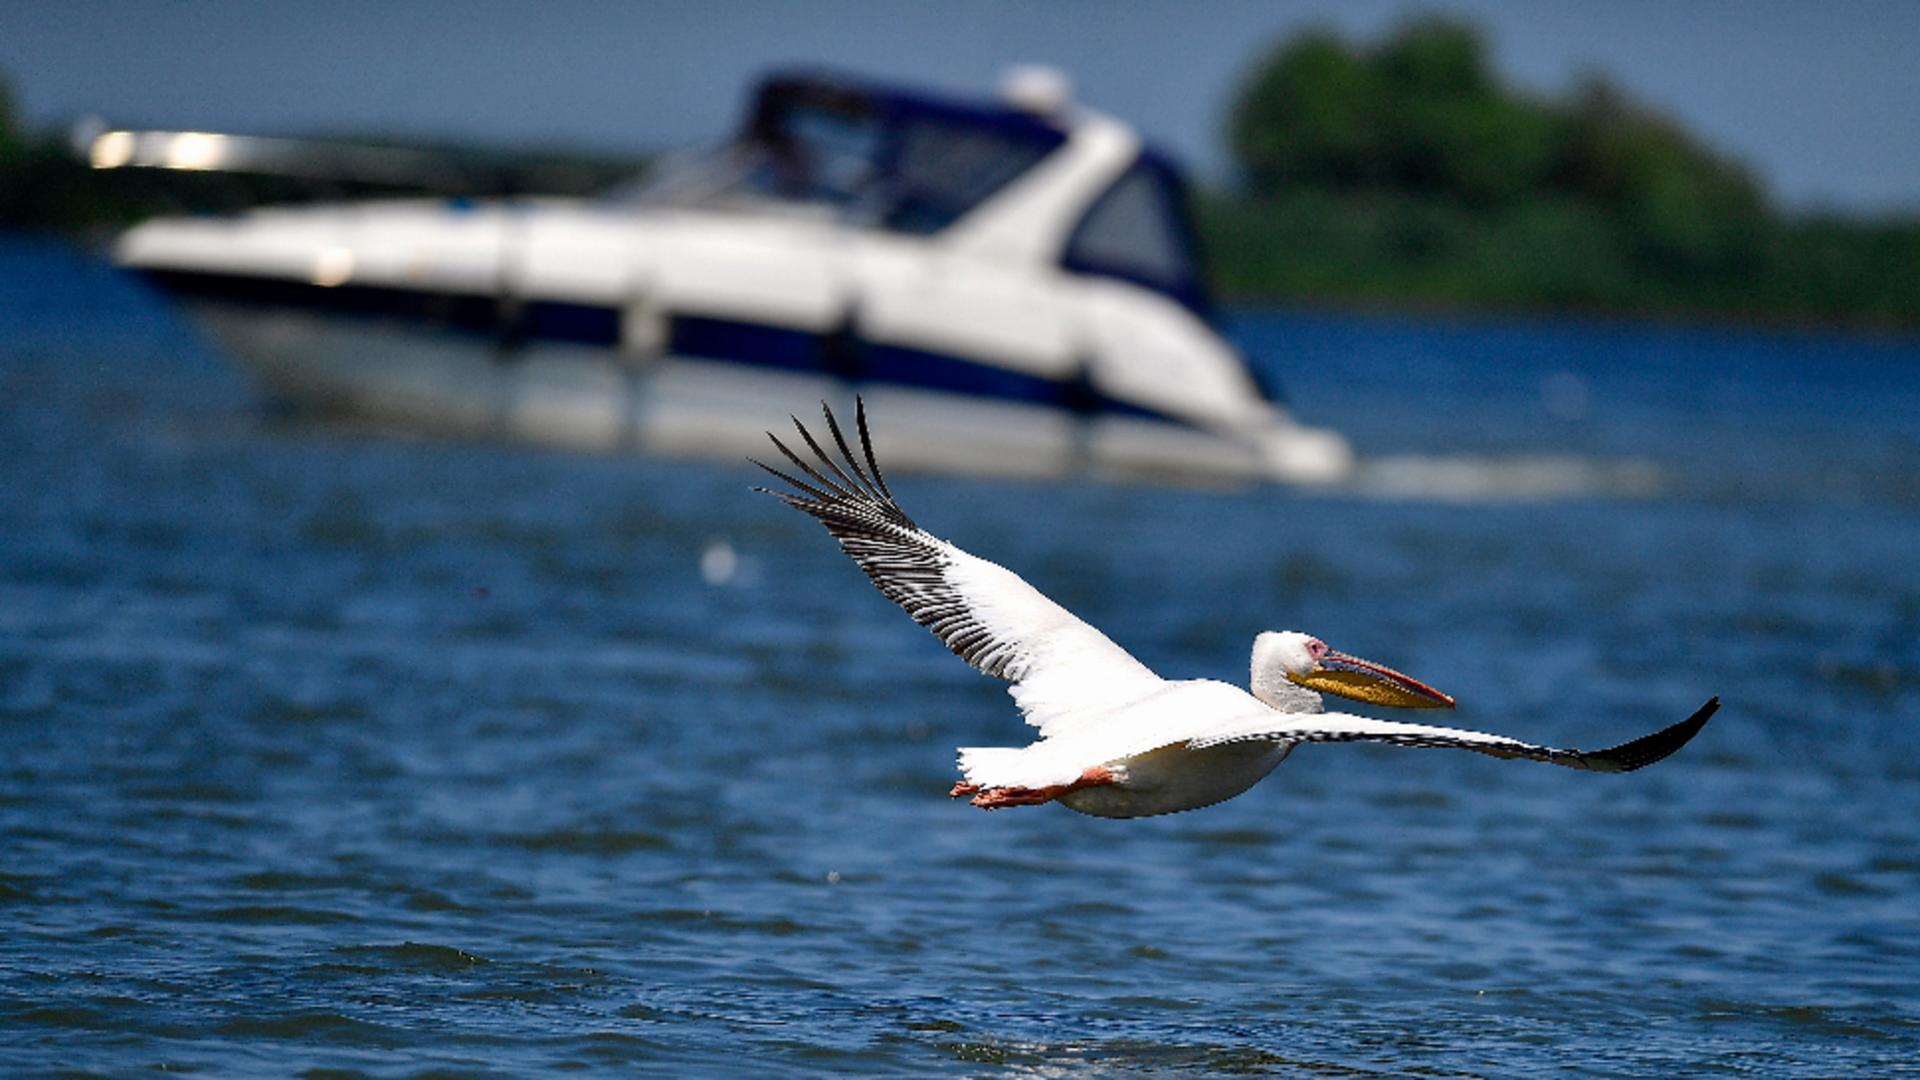 Delta Dunării / Foto: Inquam Photos